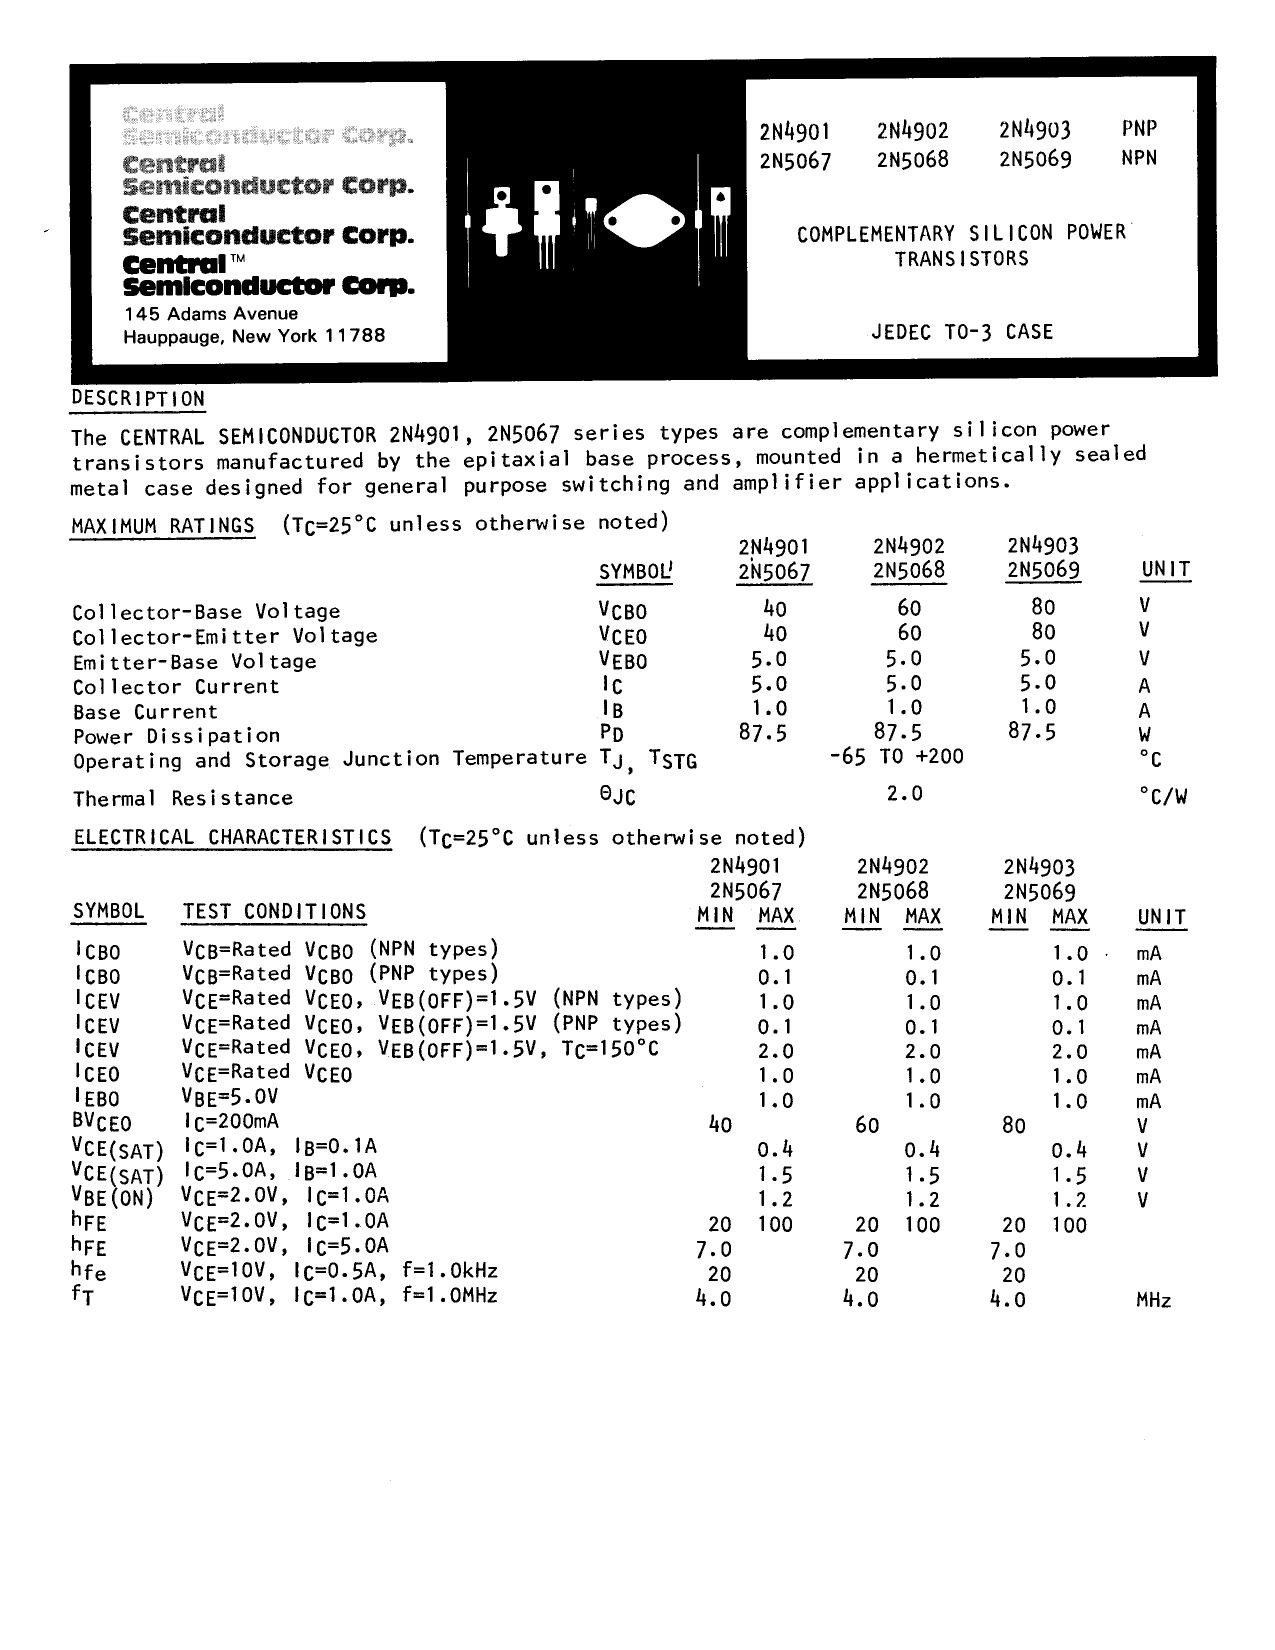 2N5068 دیتاشیت PDF